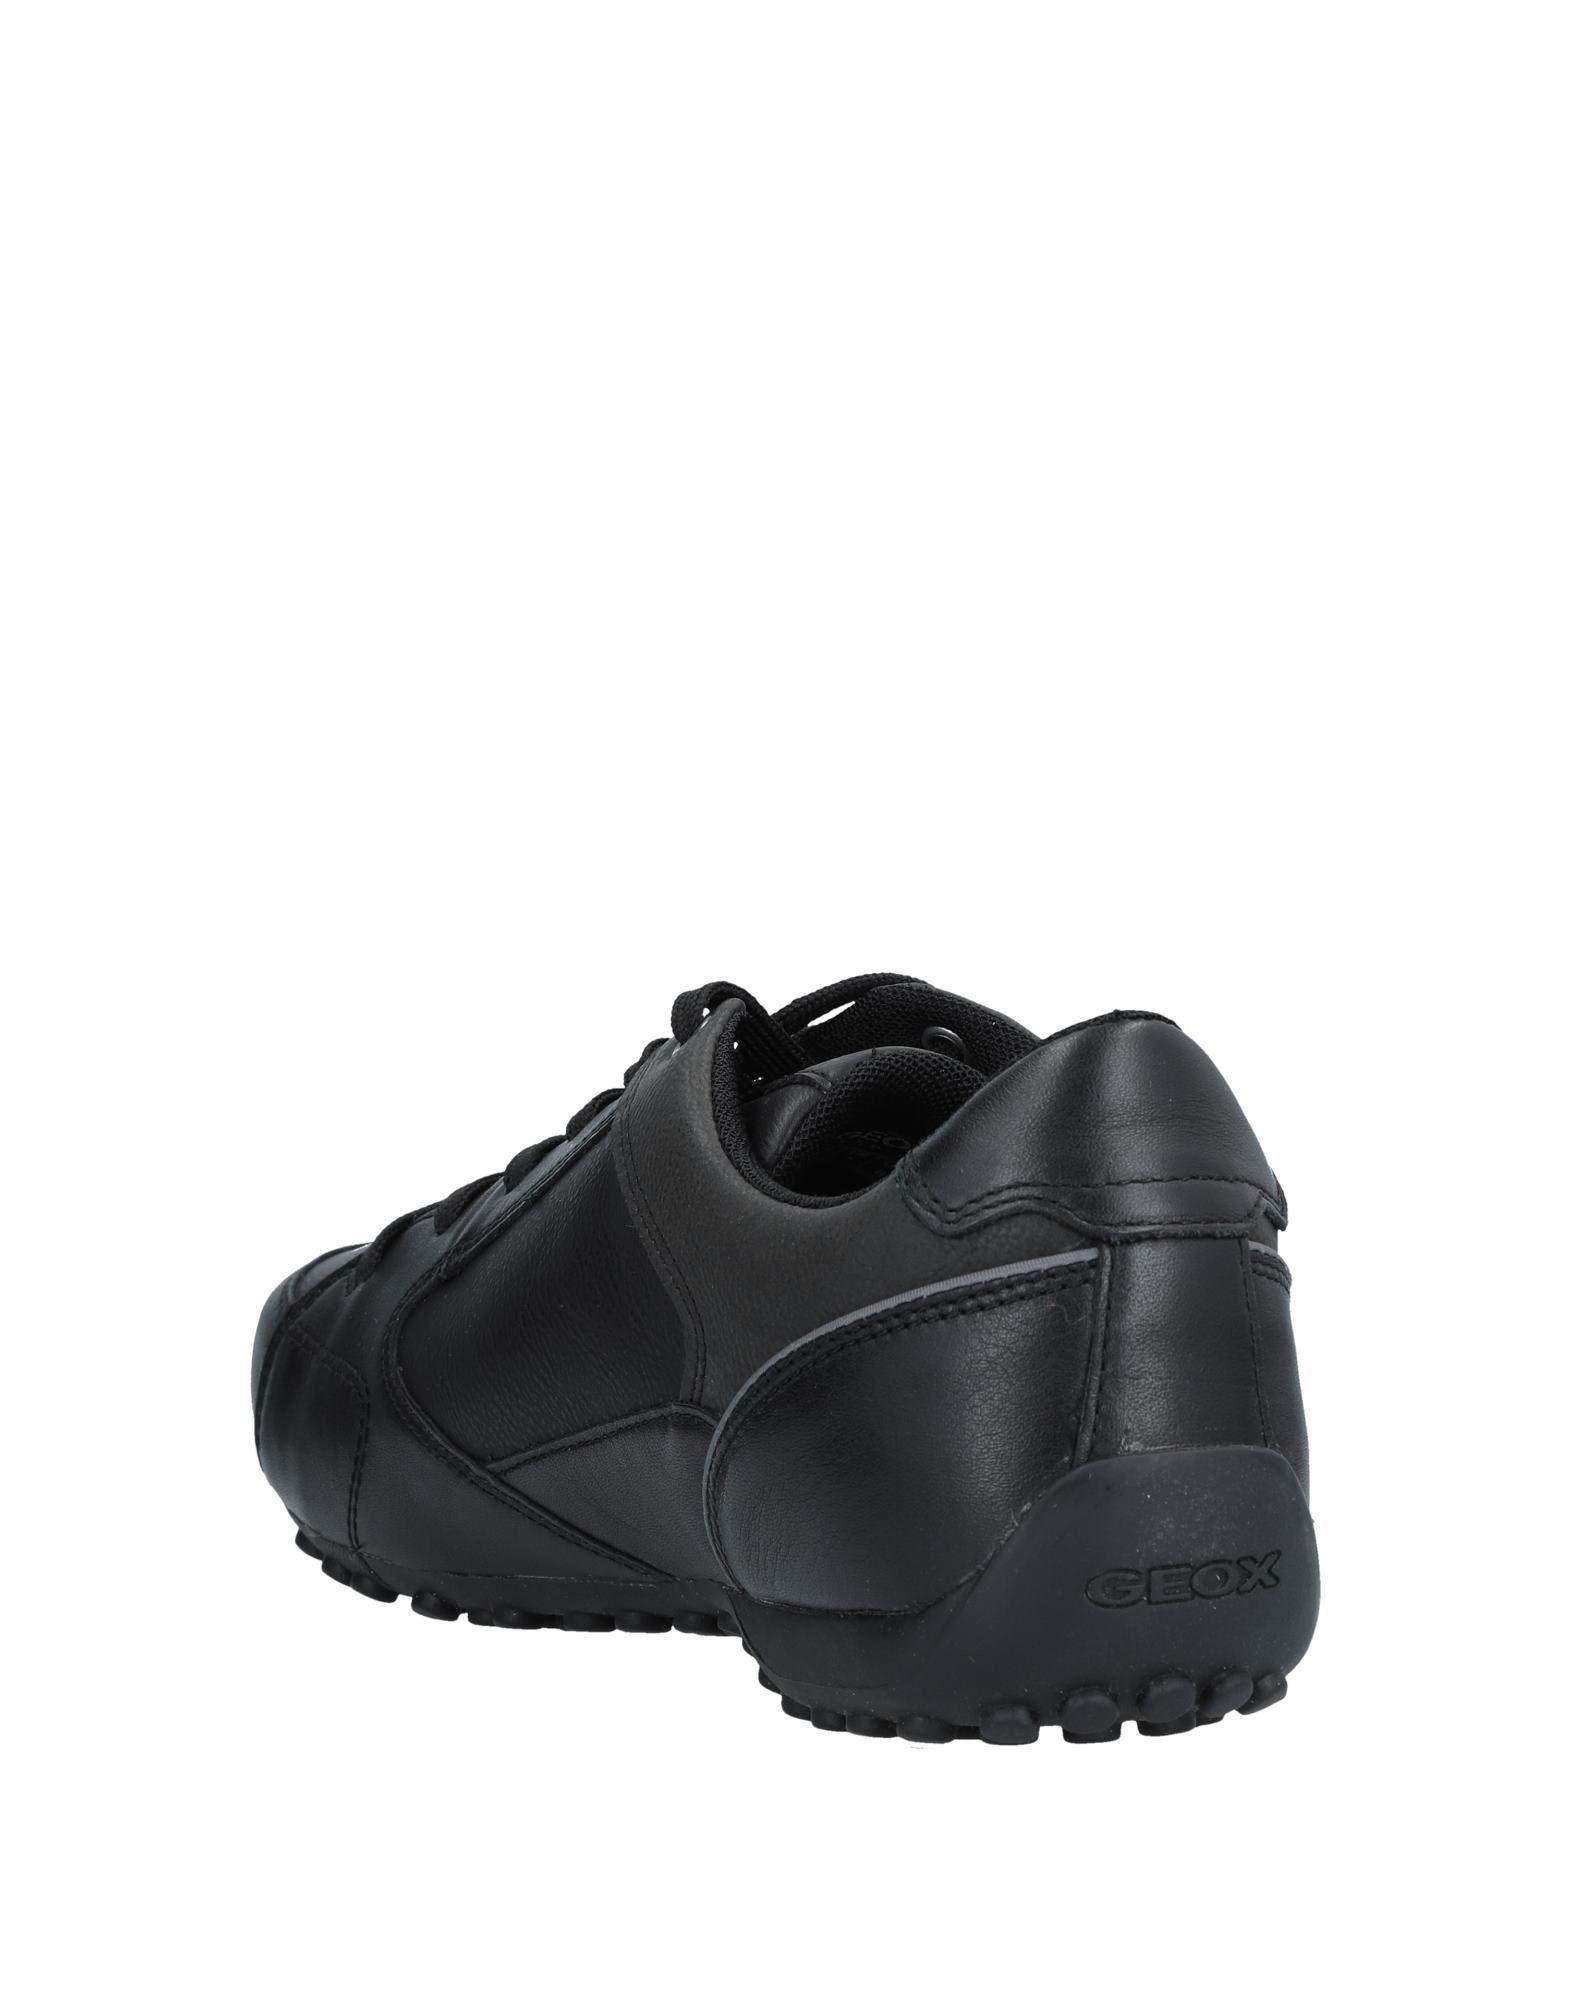 Geox Sneakers Herren  11539930JK Schuhe Heiße Schuhe 11539930JK 01adf3